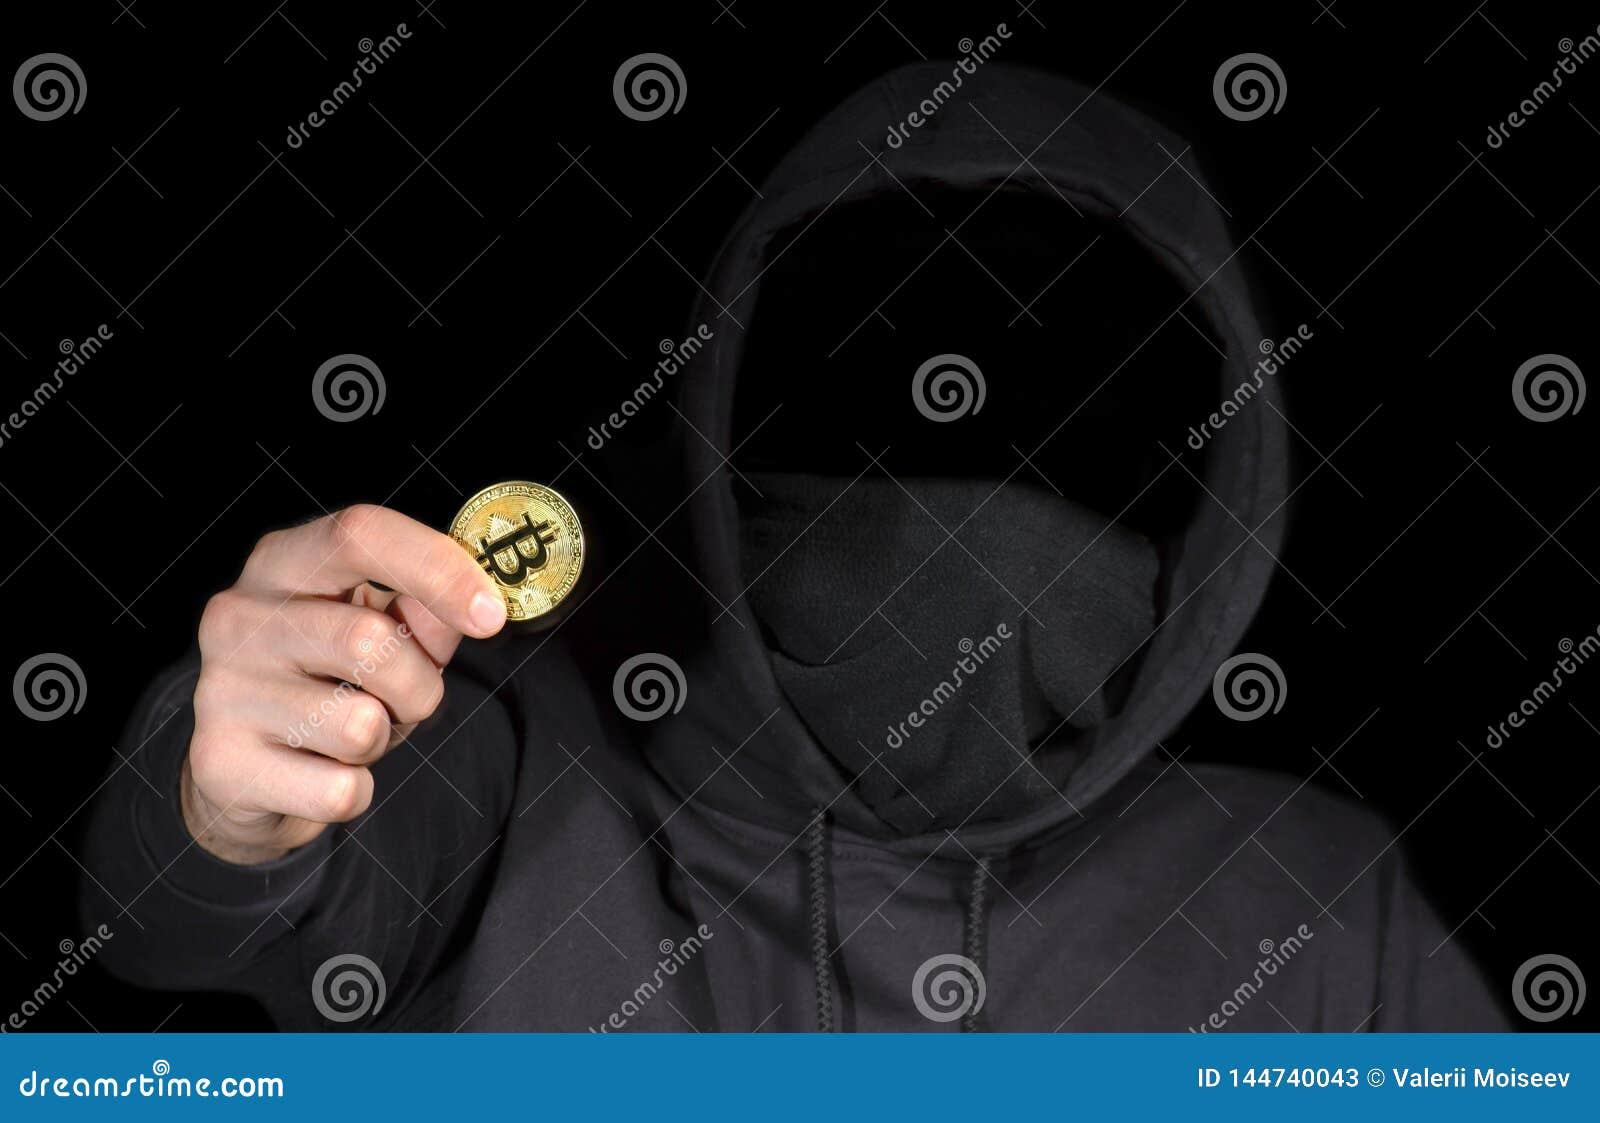 Bitcoin för Closeupen hackerhåll i handen som börjar cyberattack, begreppscybersäkerhet, på svart